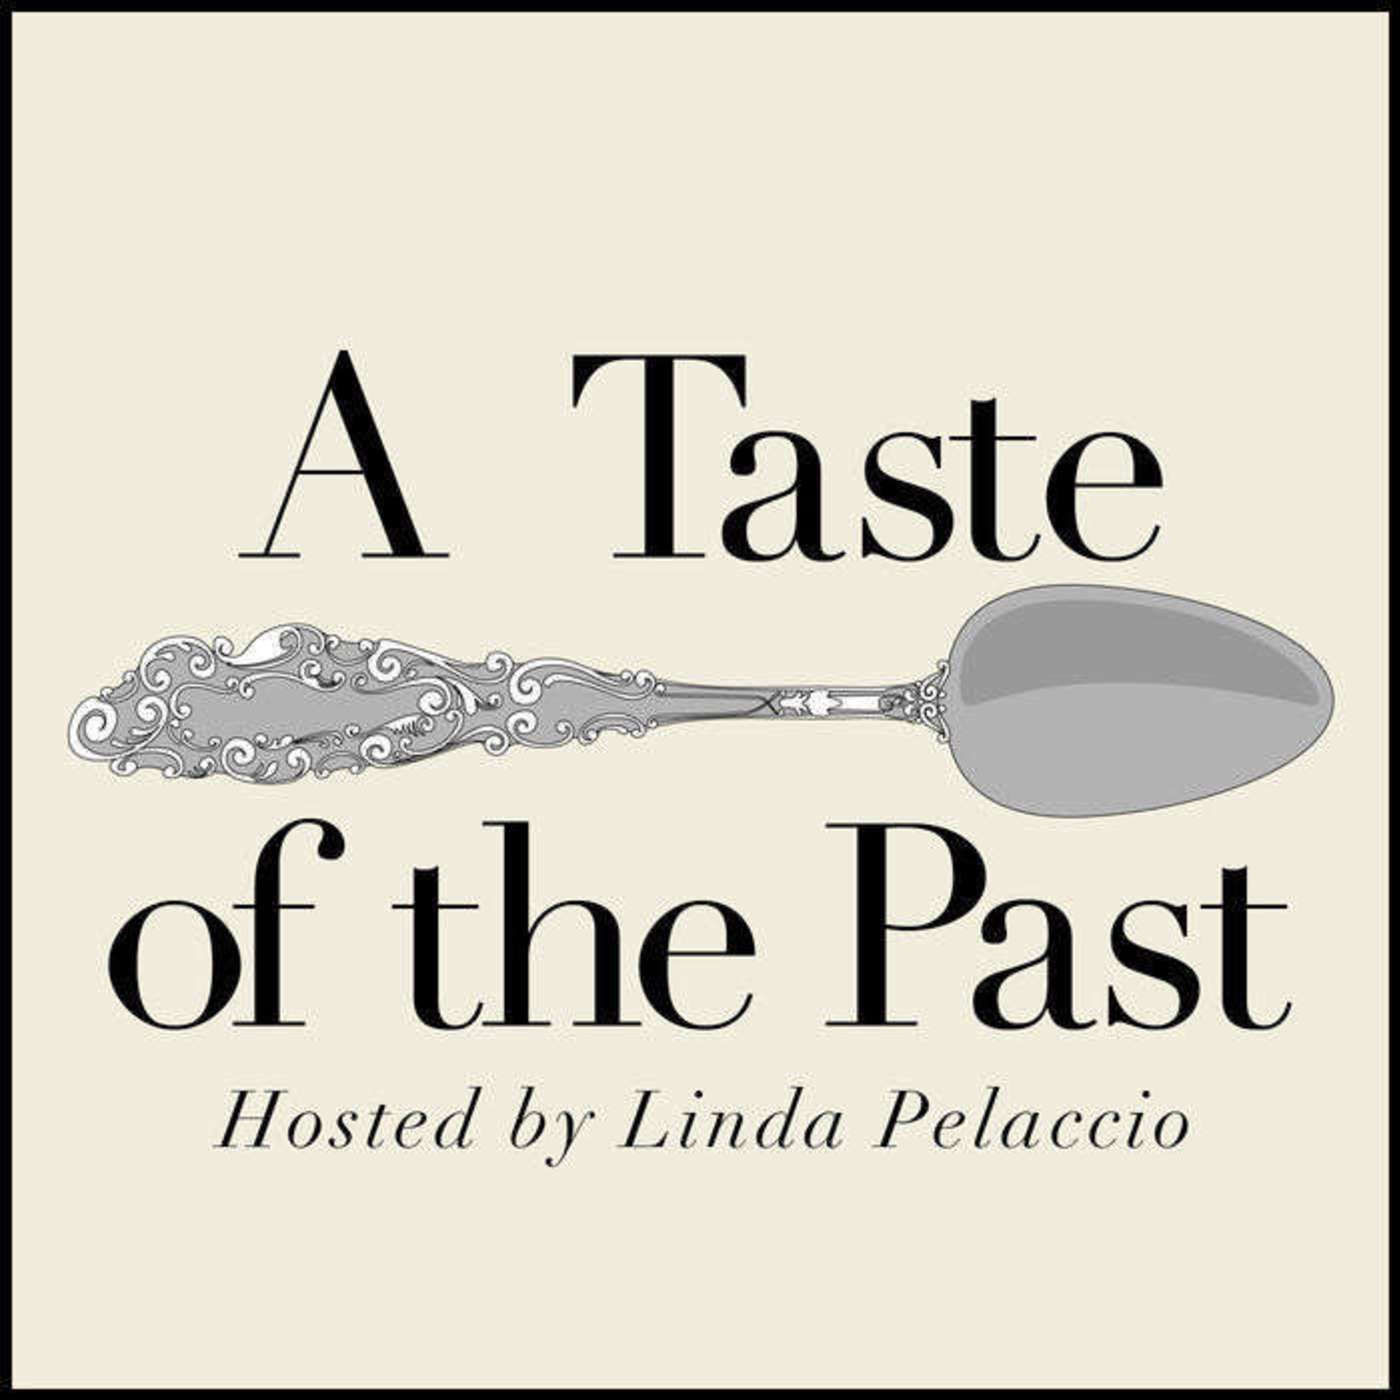 Episode 54: Vegetarian Cooking with Deborah Madison